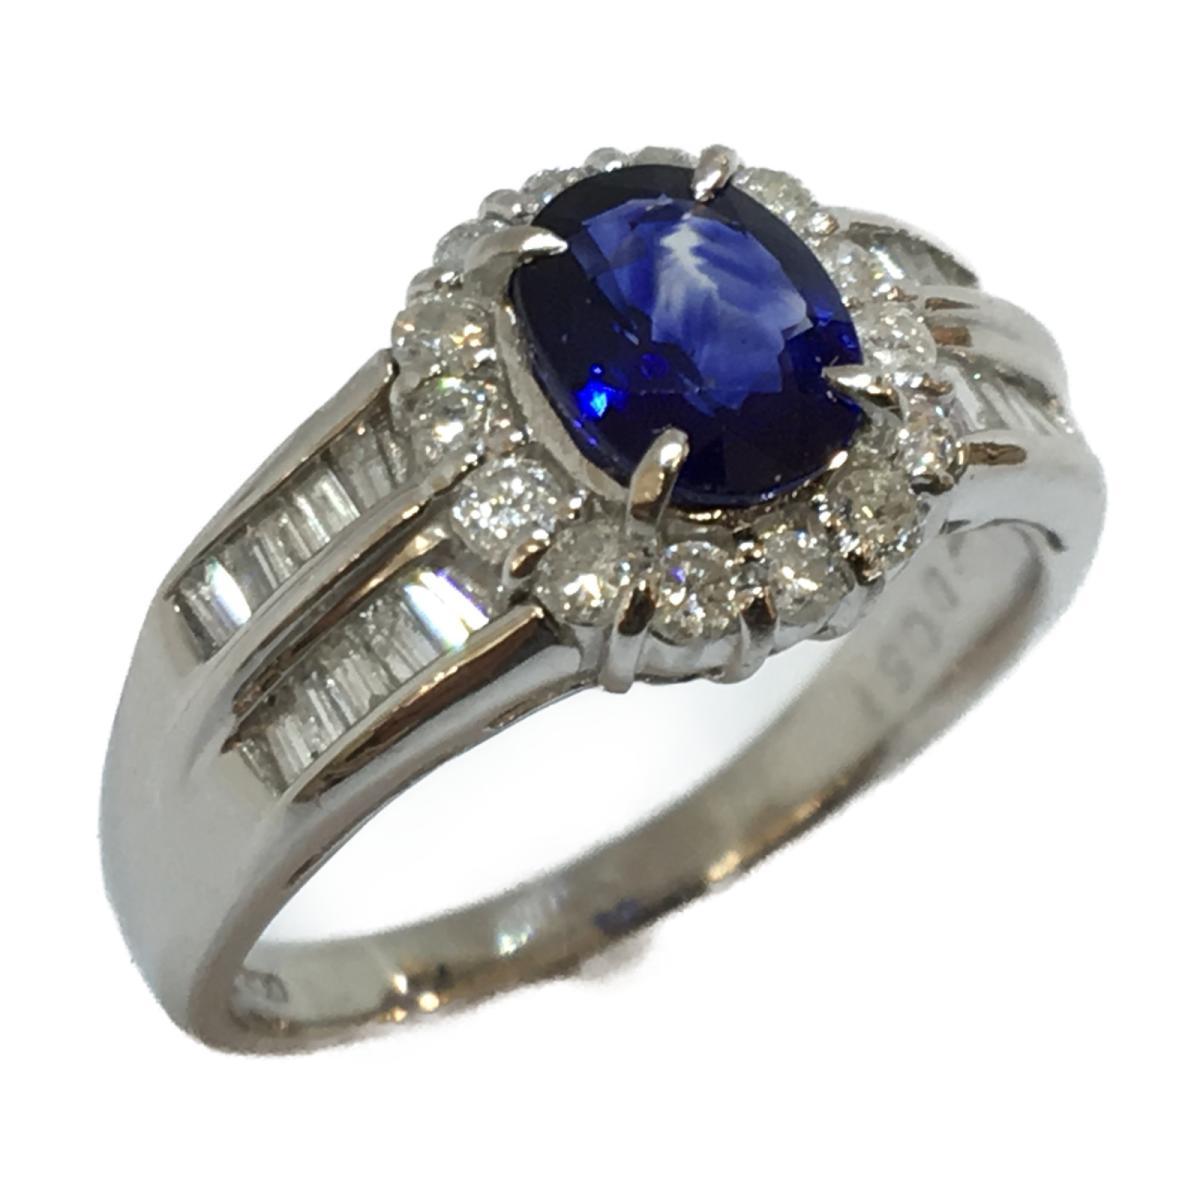 【中古】 ジュエリー サファイア ダイヤモンド リング 指輪 メンズ レディース PT900 プラチナ x (0.89ct) (0.51ct) | JEWELRY BRANDOFF ブランドオフ ブランド アクセサリー